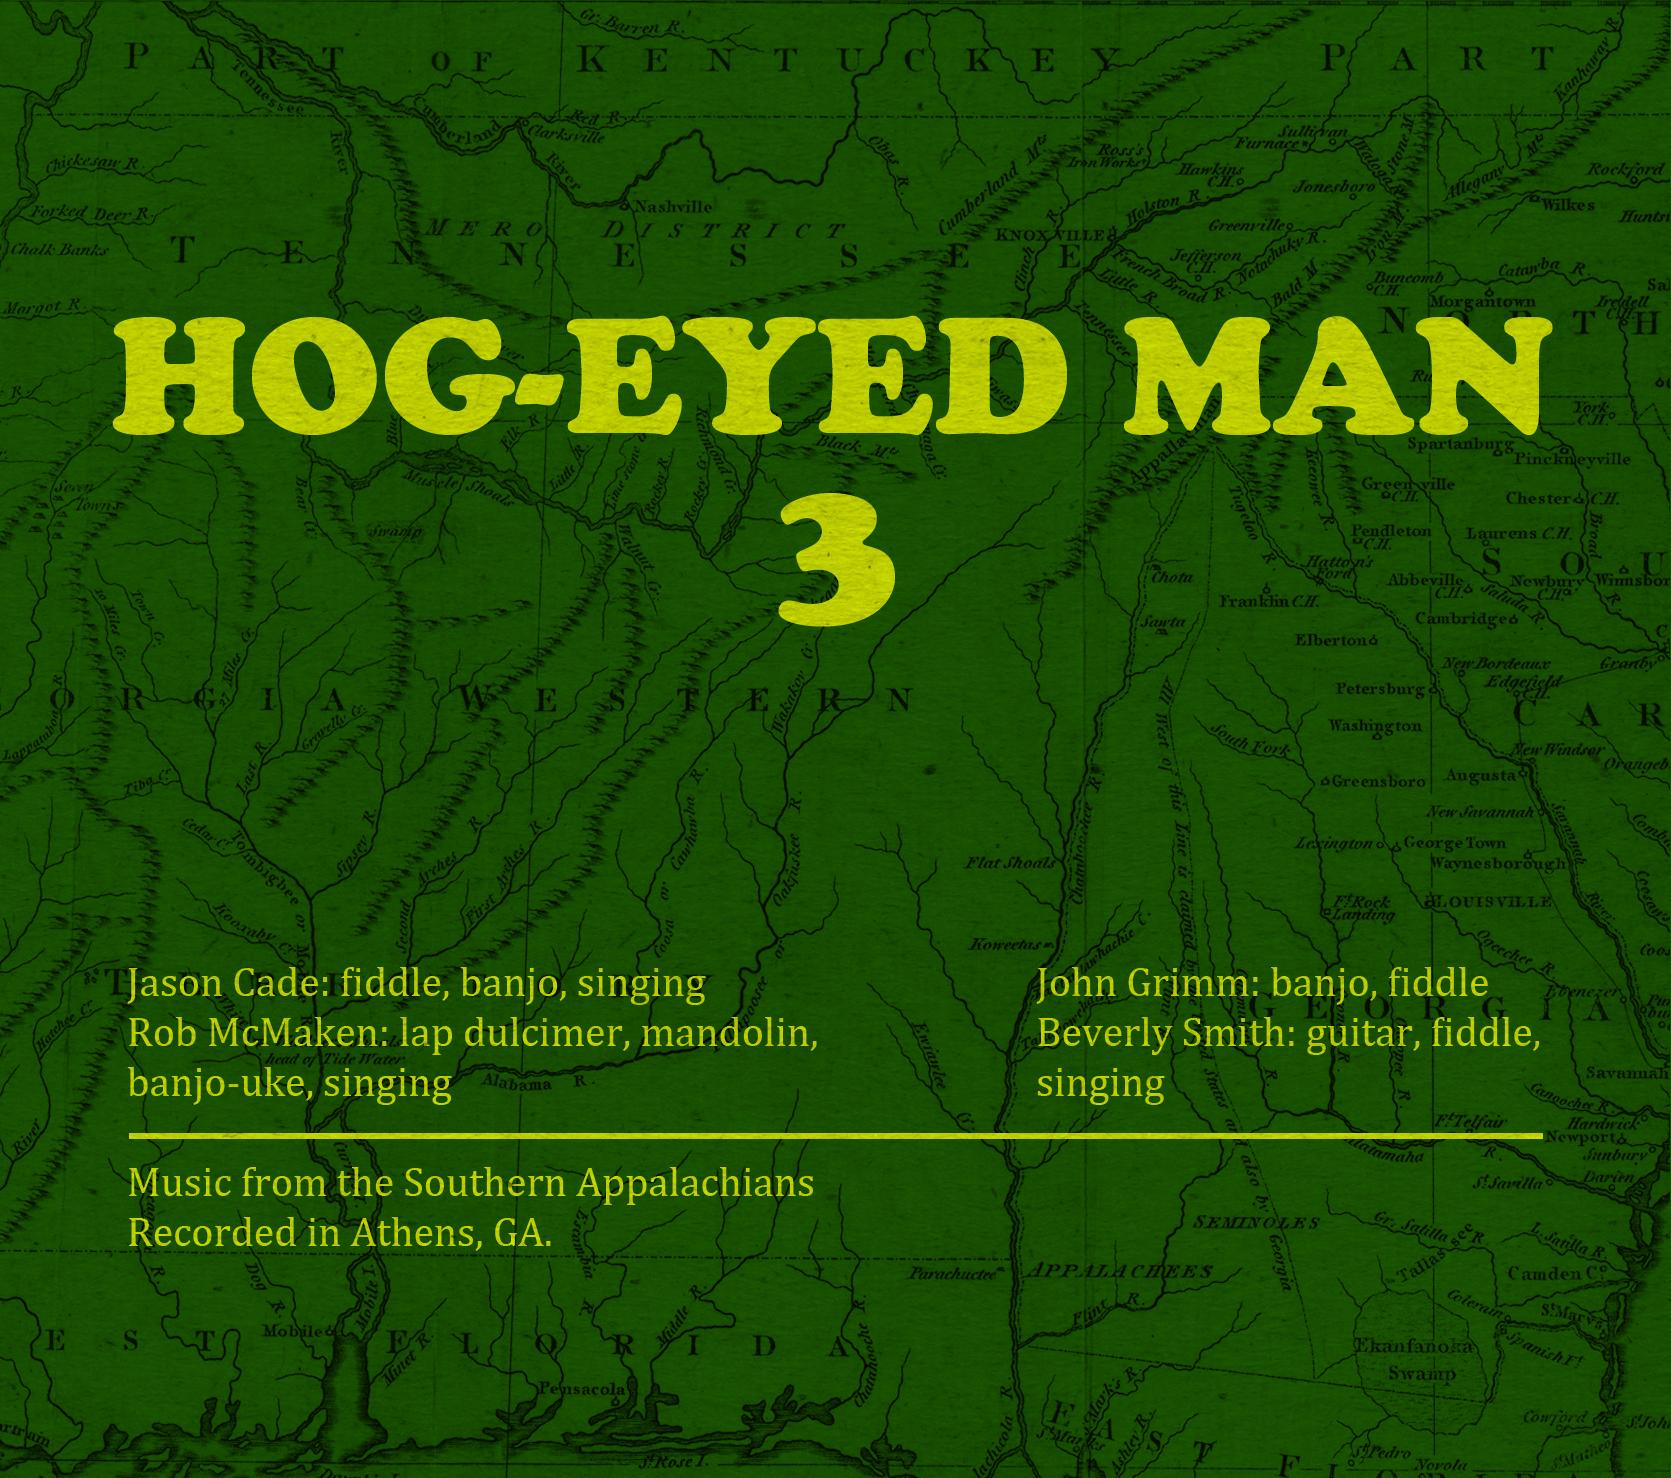 HEM3_cover.jpg